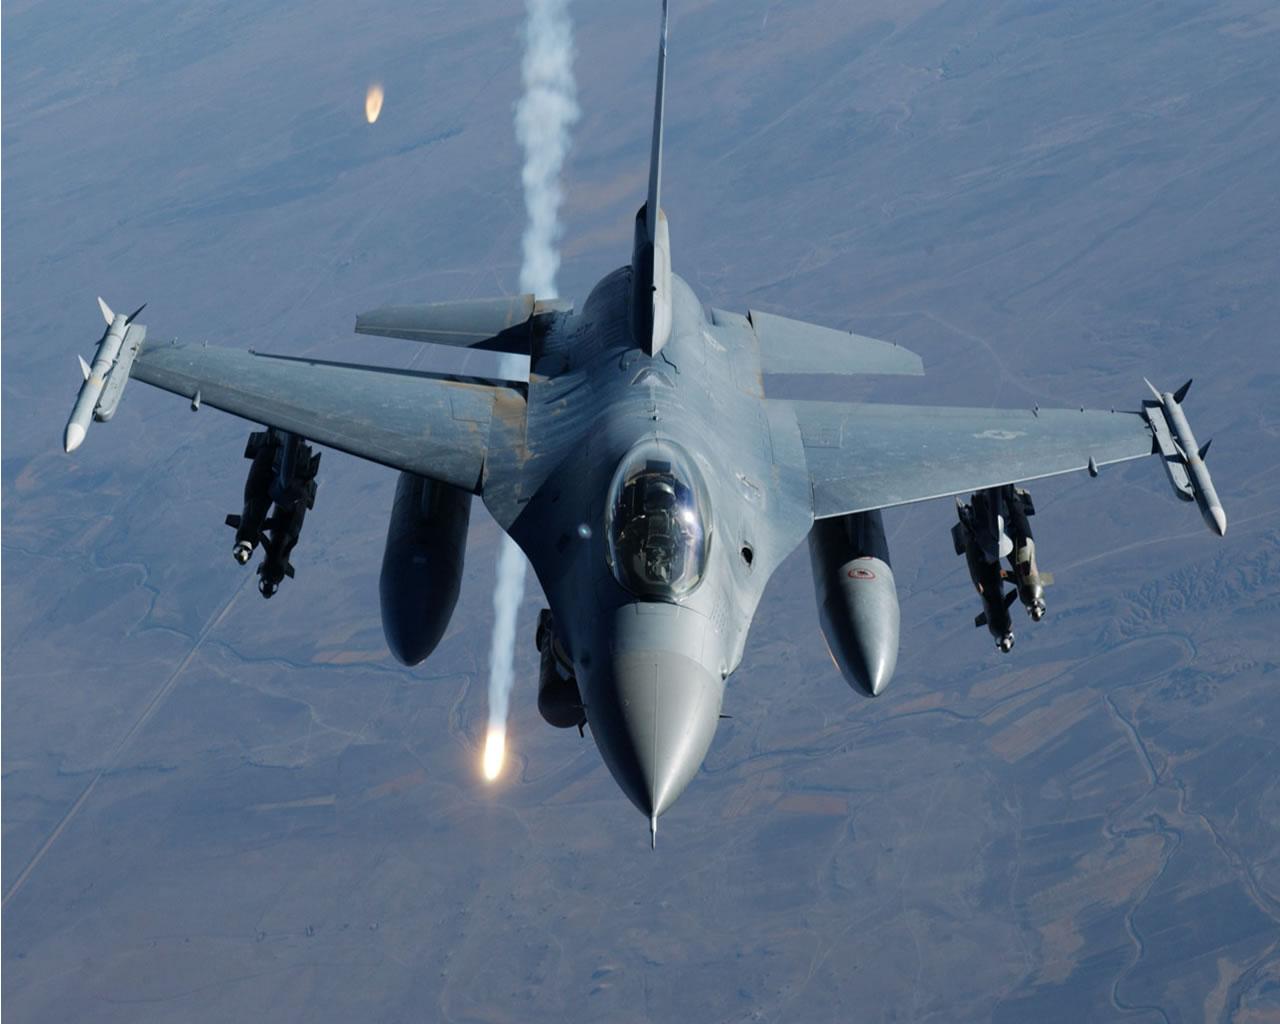 菲律宾或因费用问题放弃购买美F 16战机计划